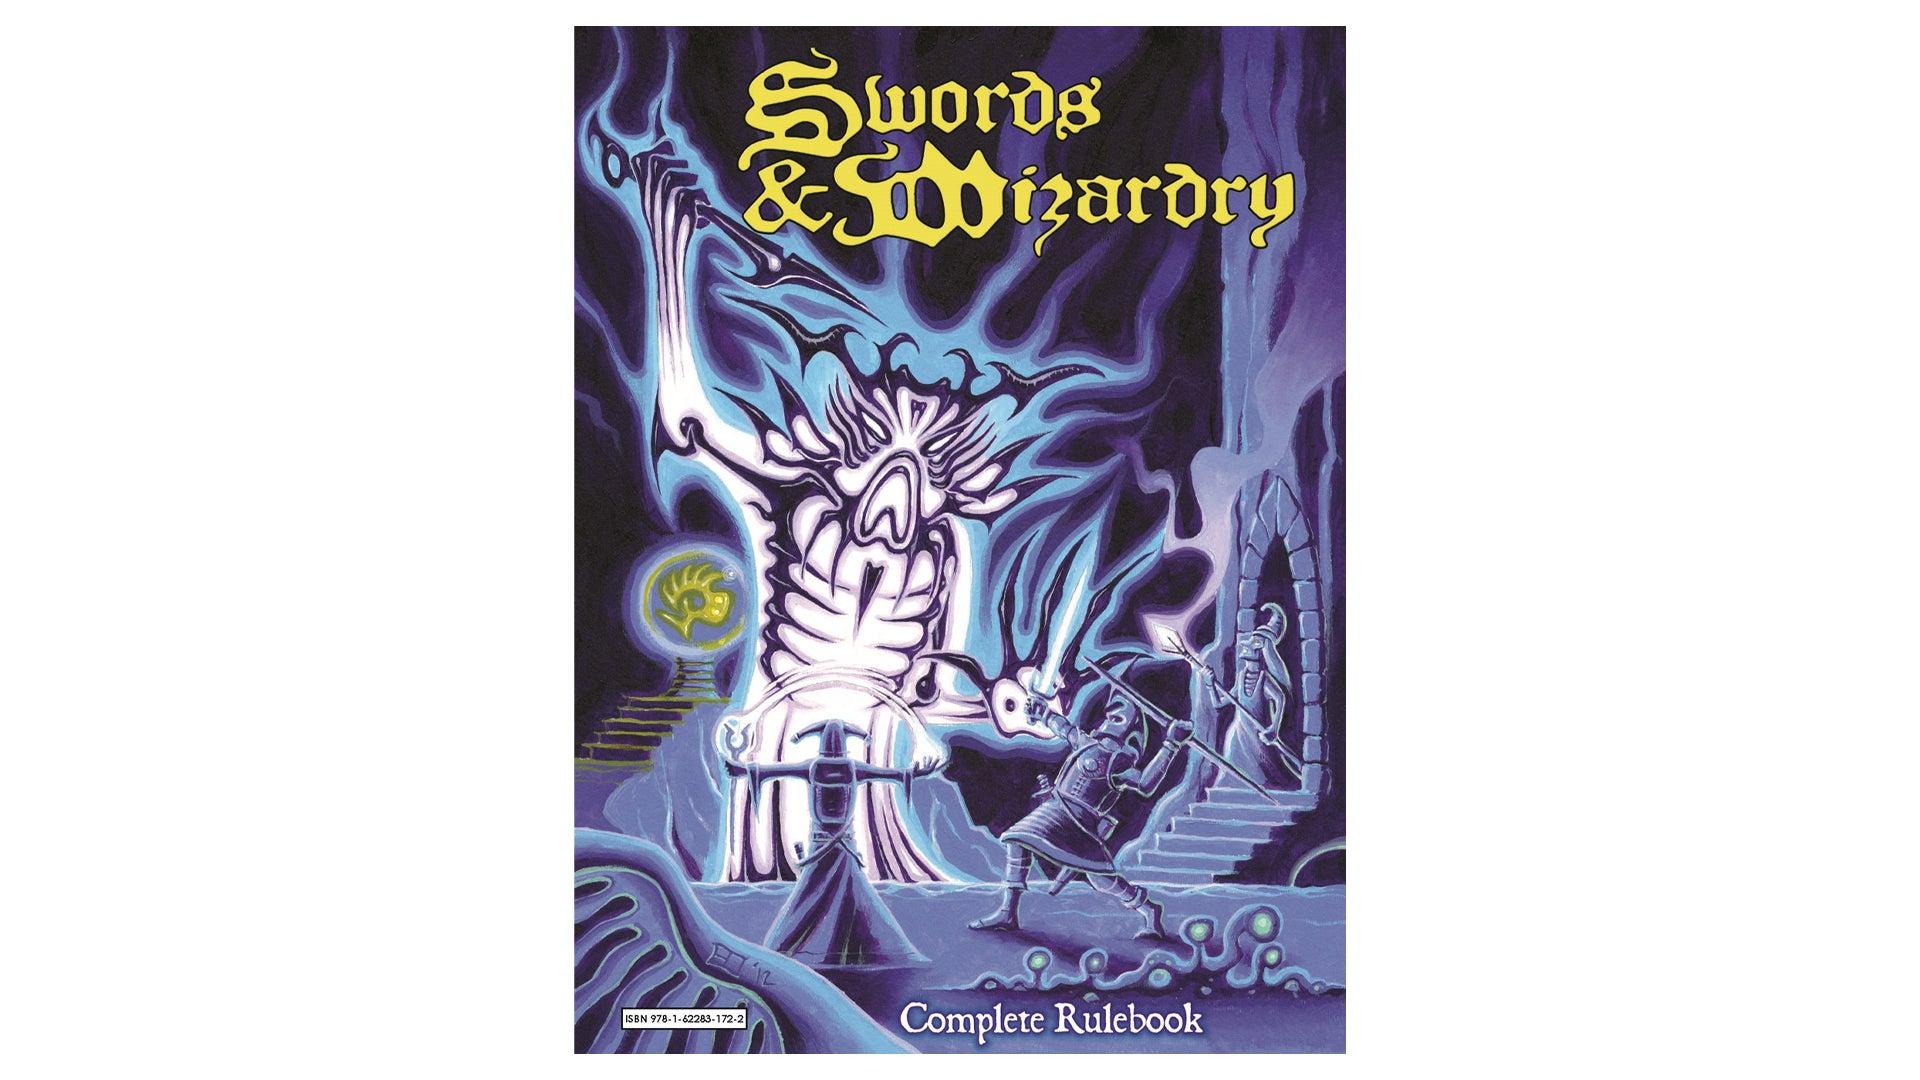 swords-and-wizardry-rpg-book.jpg